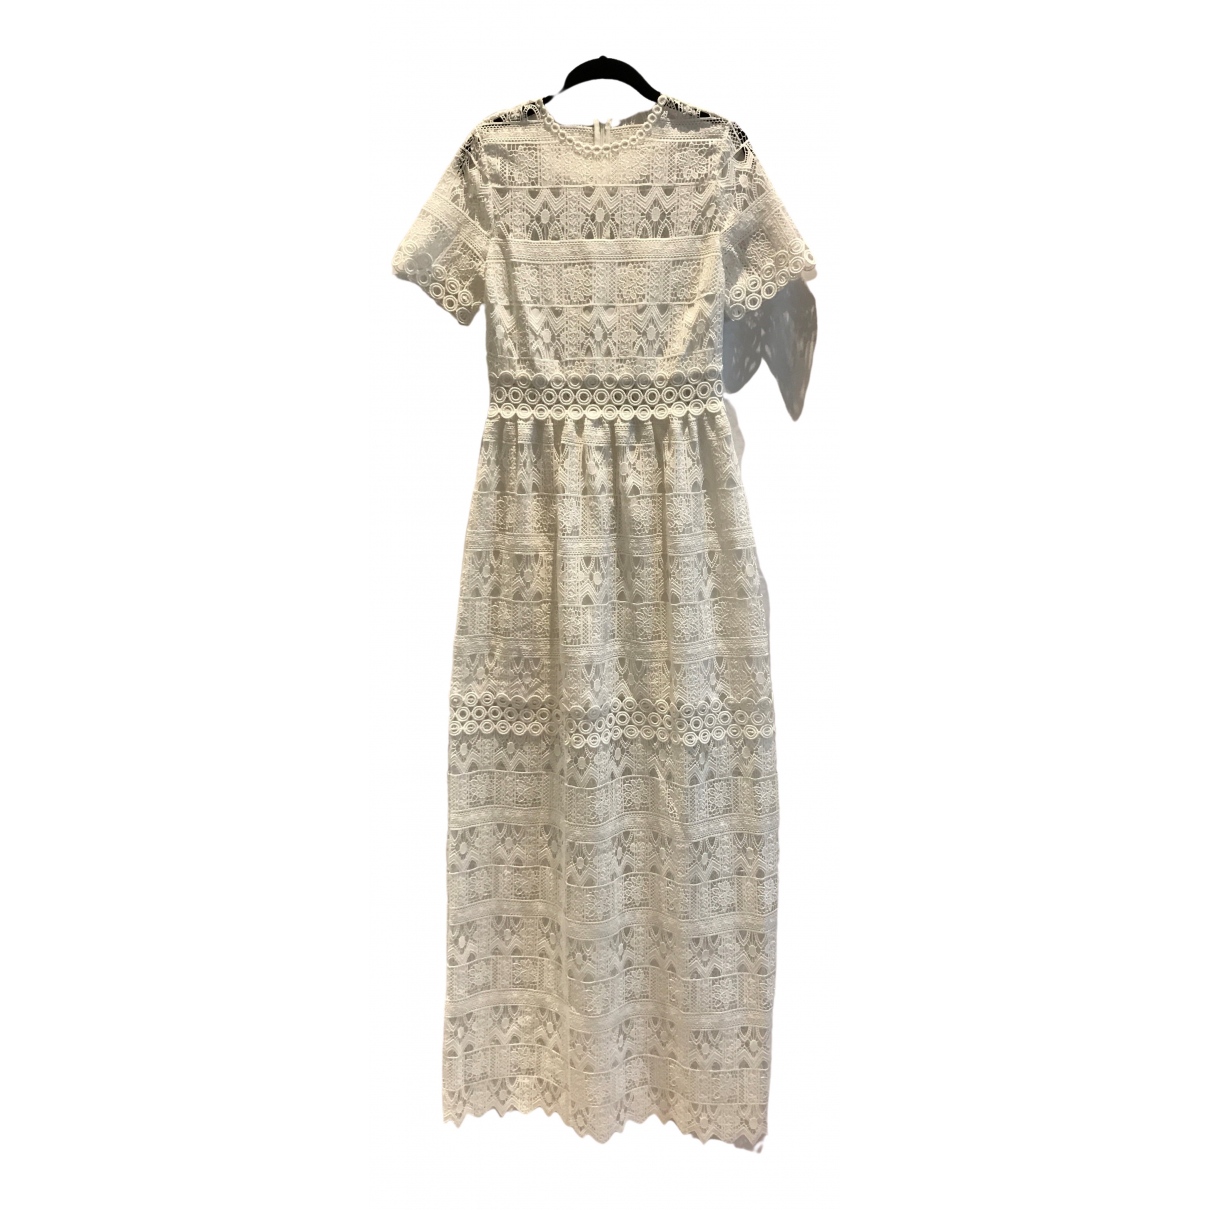 Alexis \N White dress for Women M International